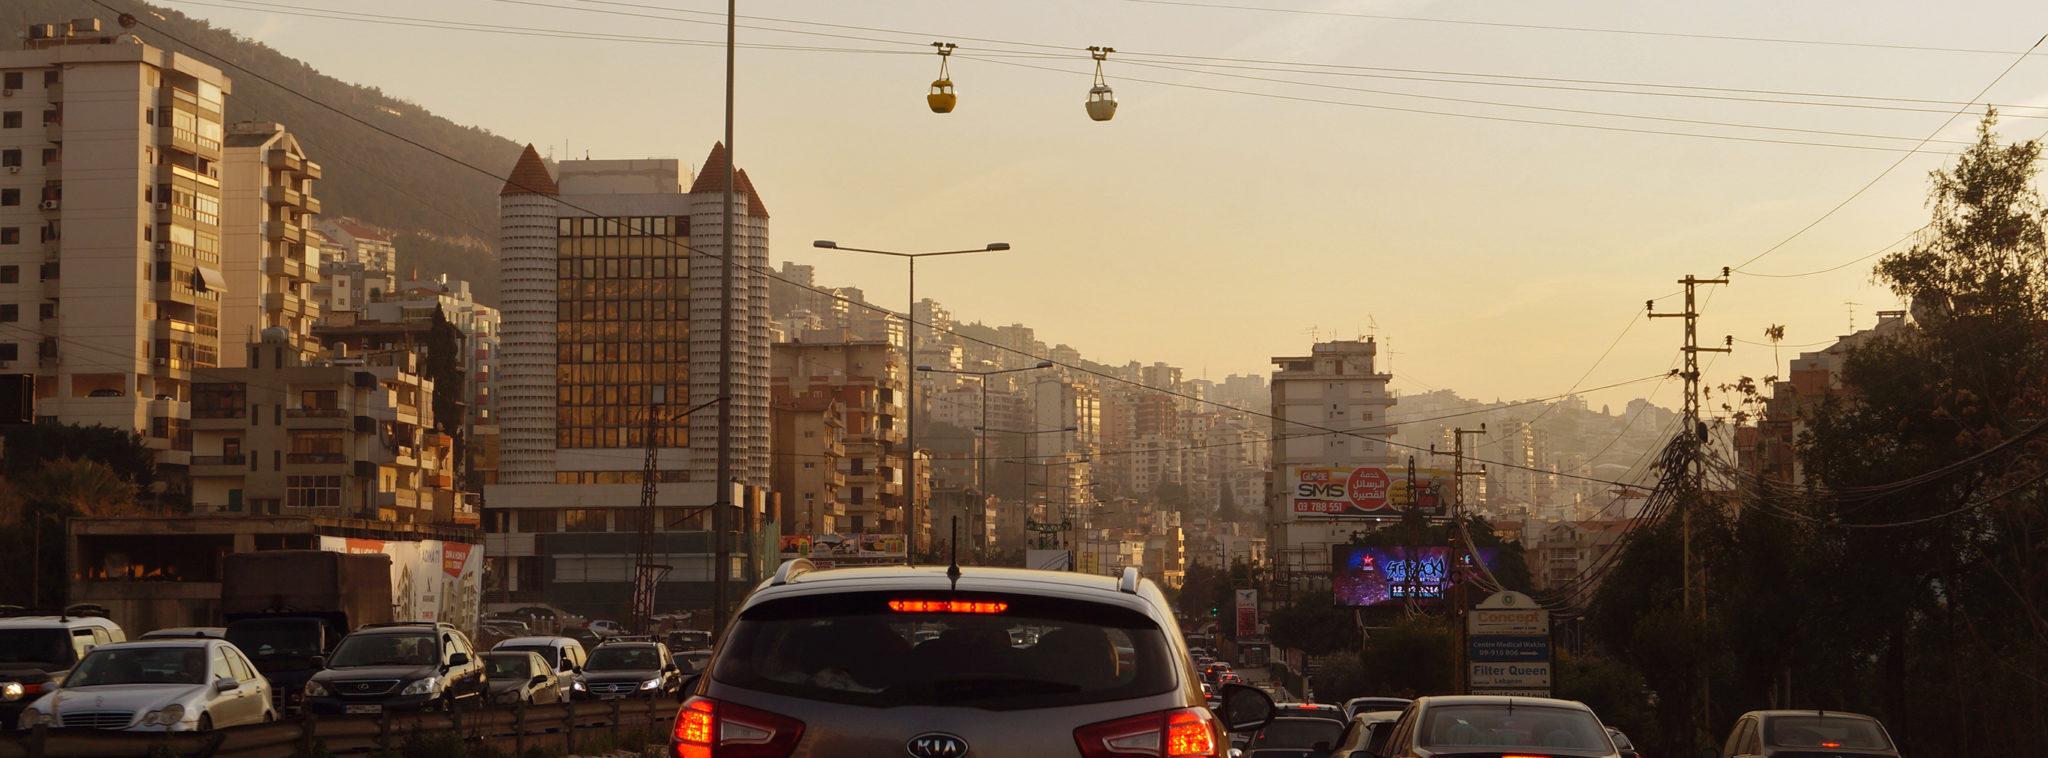 Libanon-Reisen-Stau-Slider